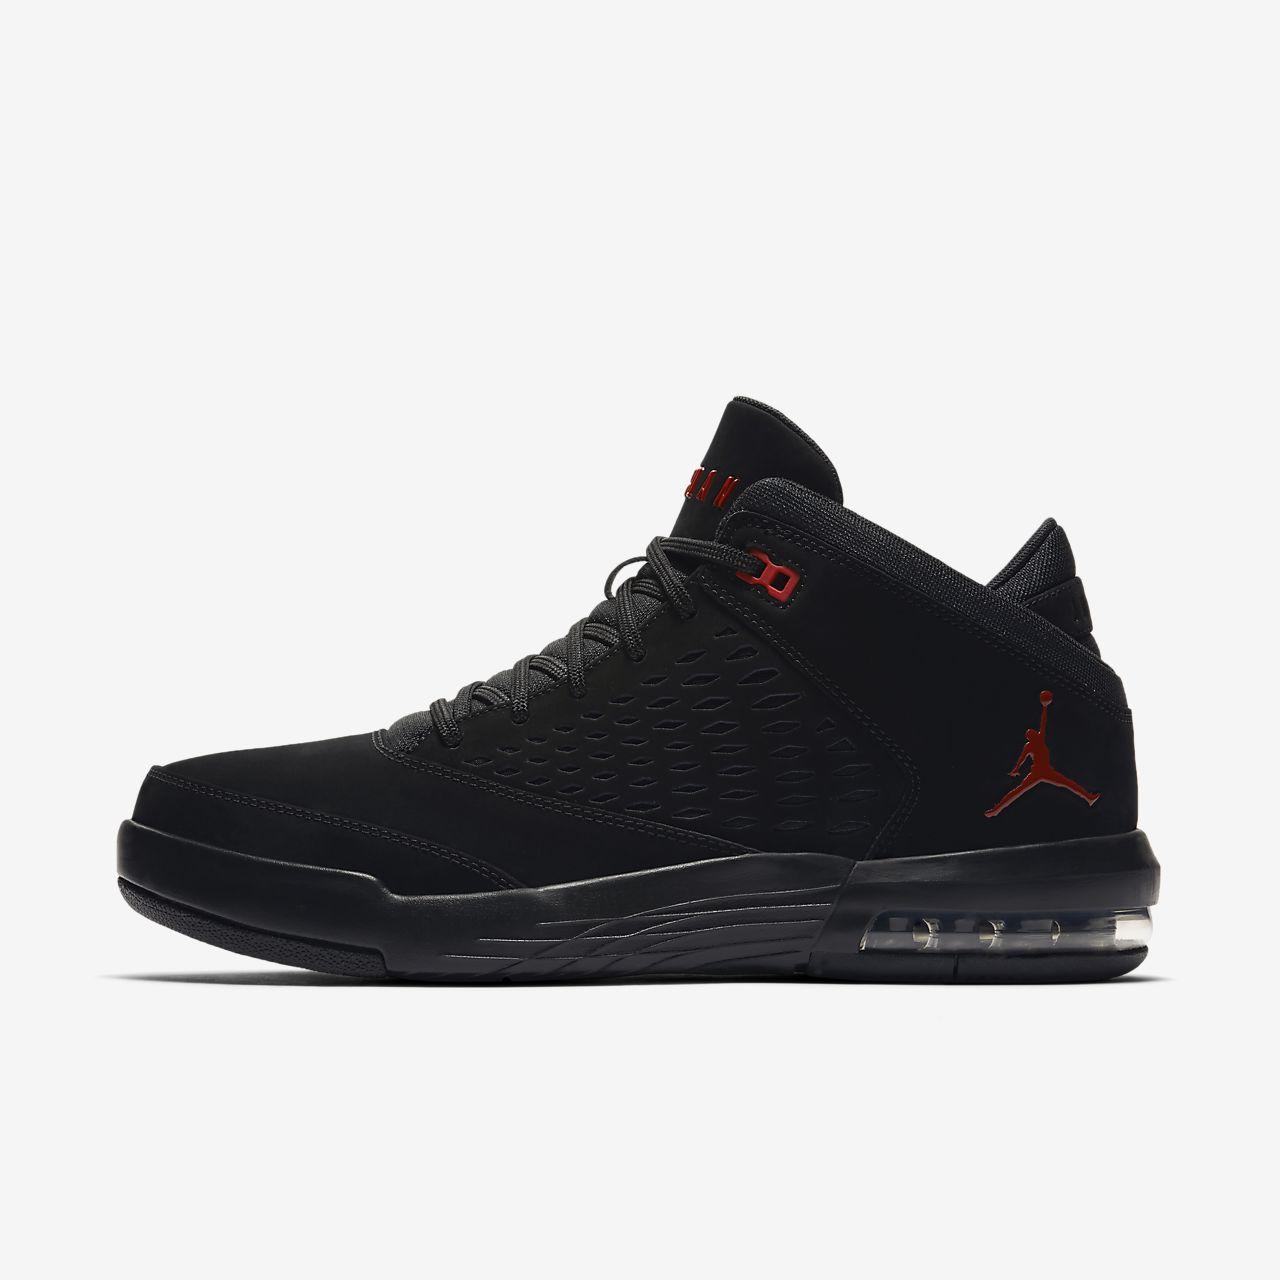 brand new 7b557 a2705 ... Chaussure Jordan Flight Origin 4 pour Homme